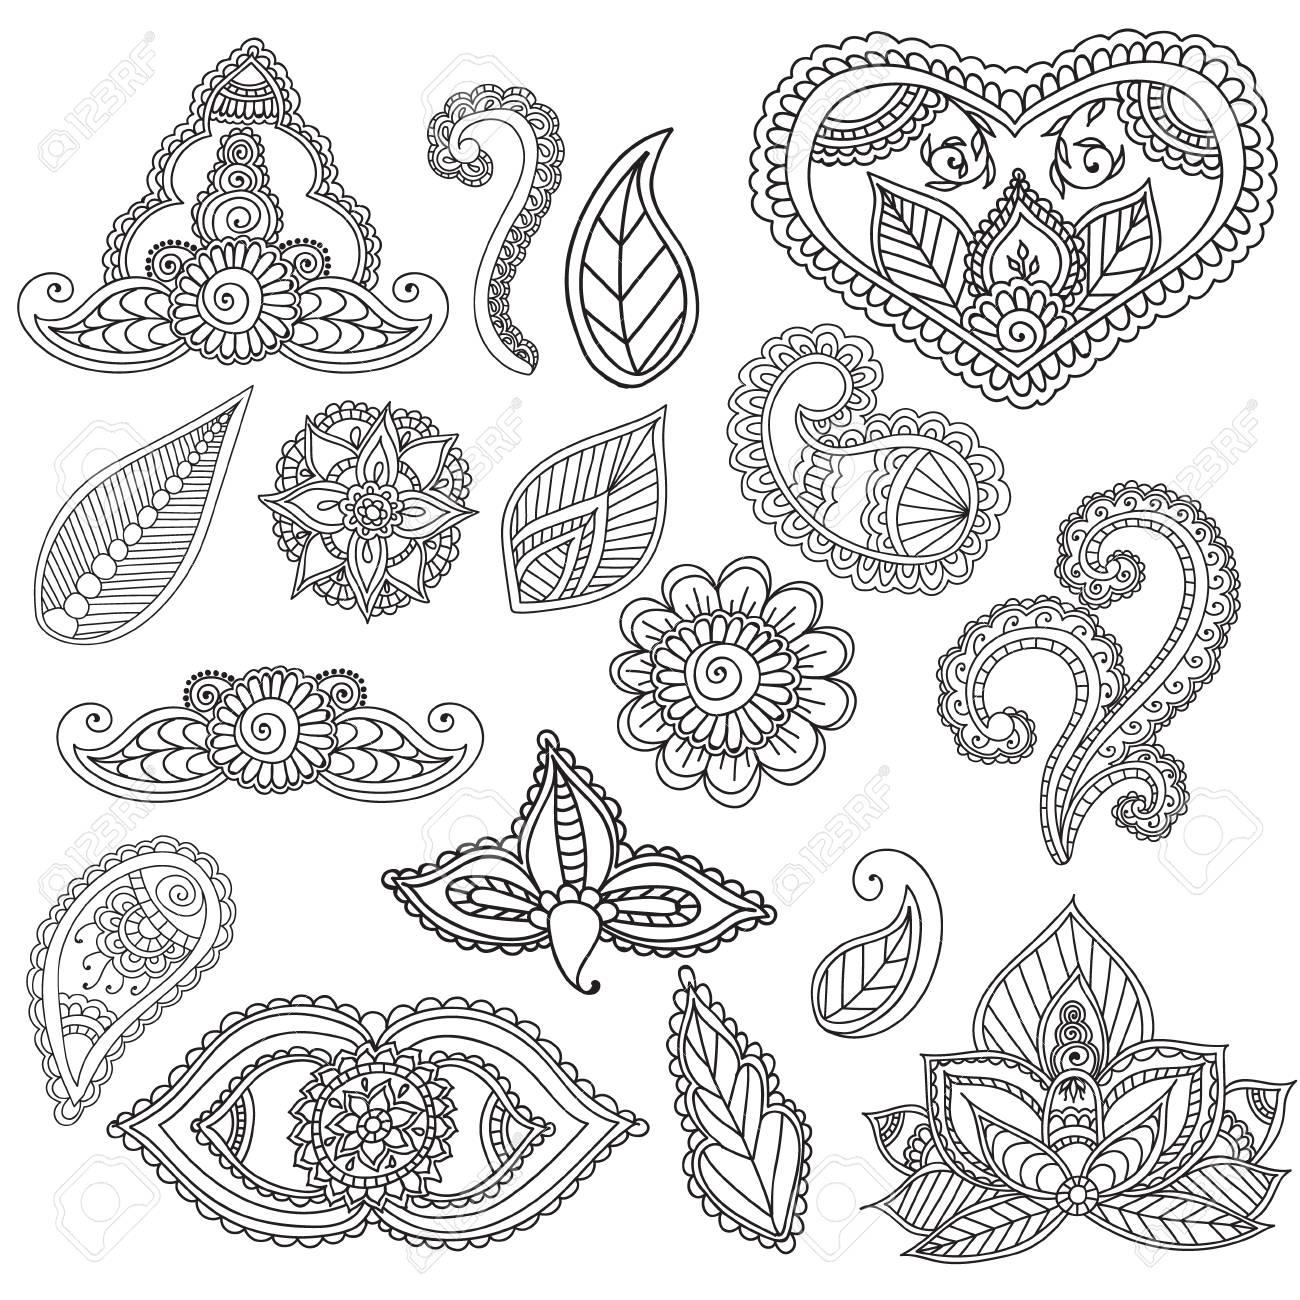 Malvorlagen Für Erwachsene. Cet Fo Henna Mehndi Doodles Abstract ...